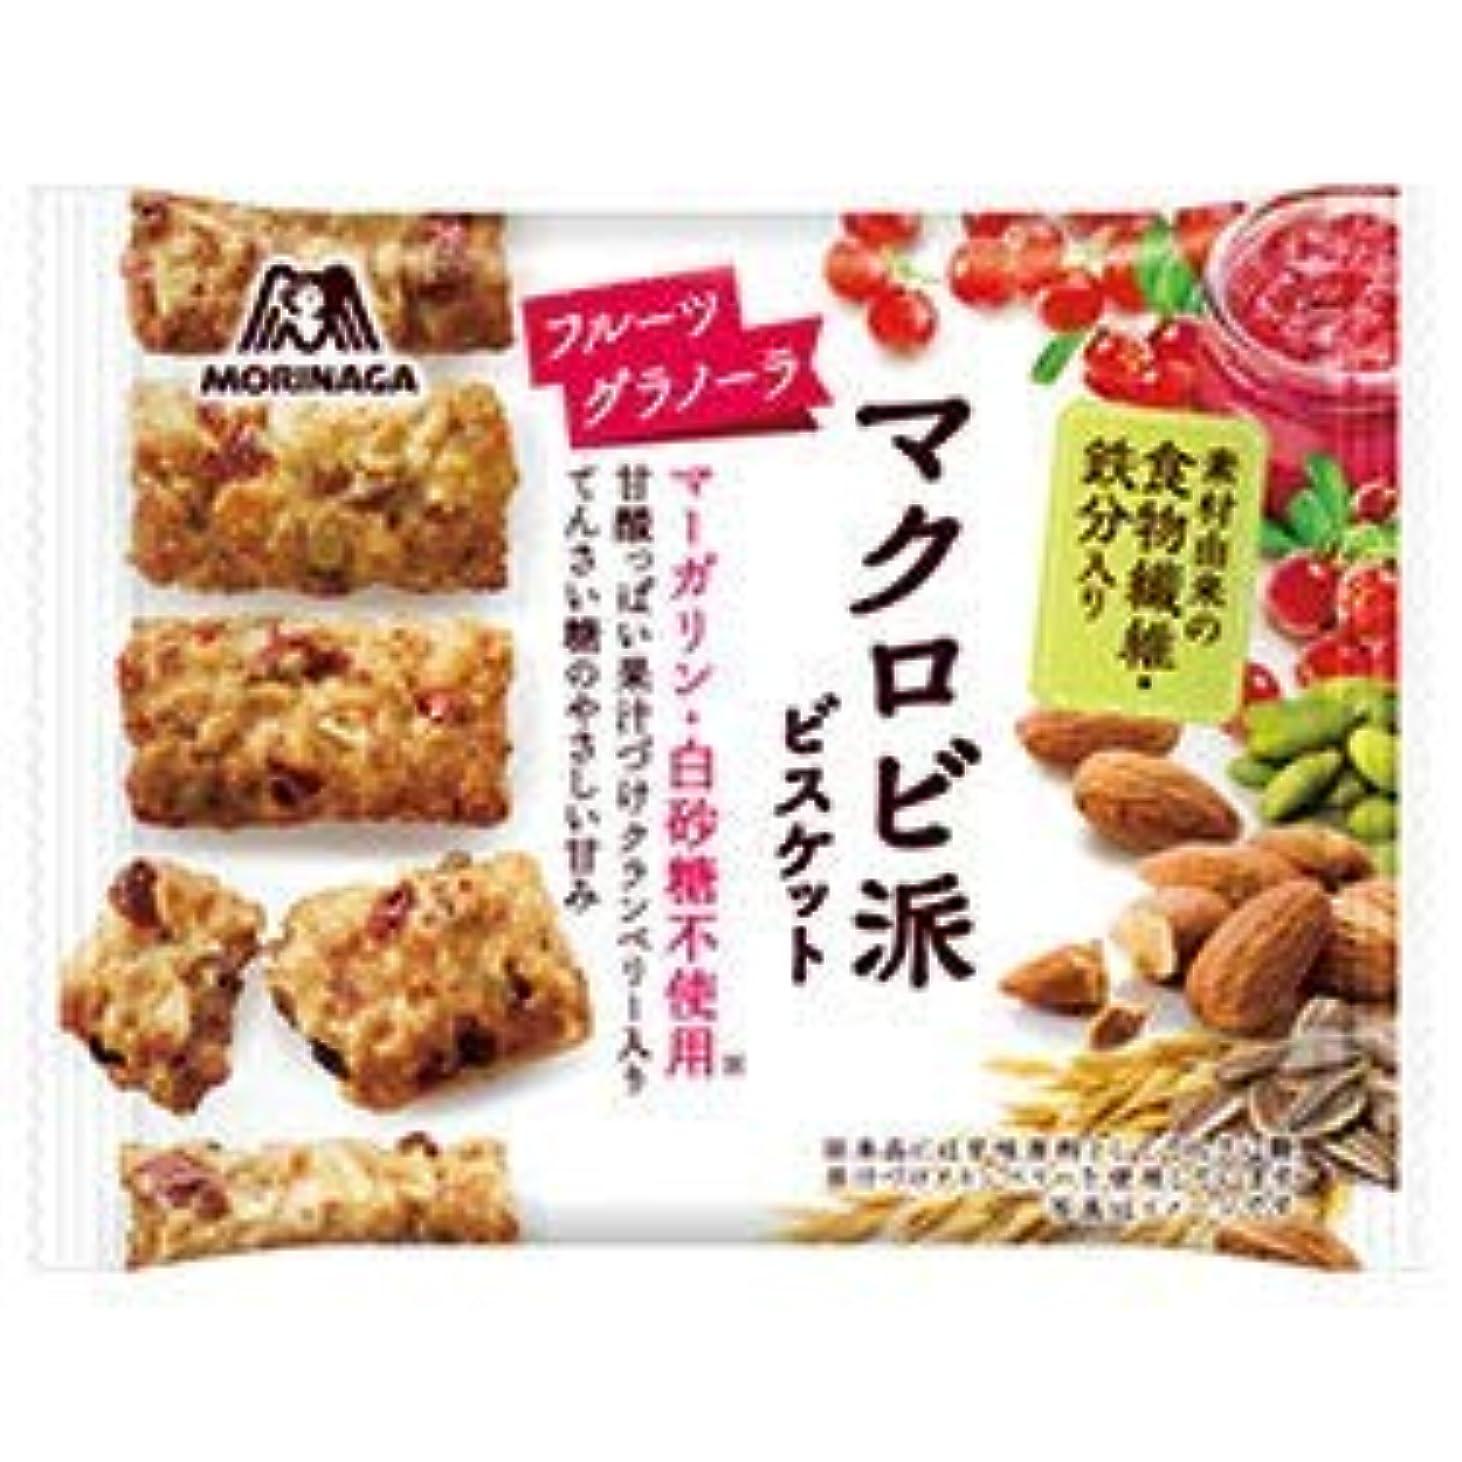 森永製菓 マクロビ派ビスケット フルーツグラノーラ 36個セット